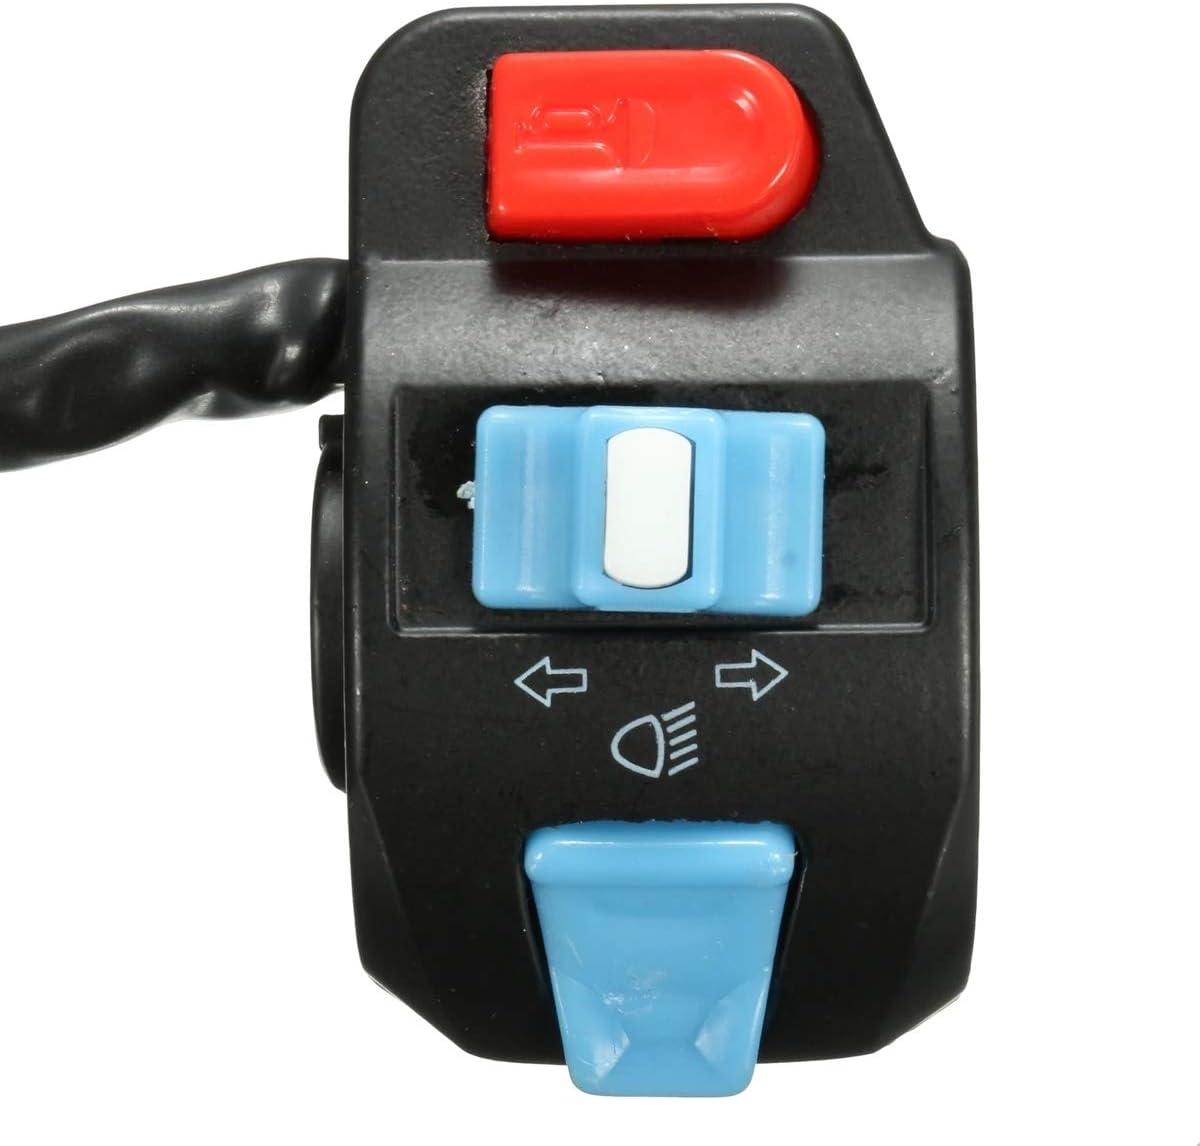 Moto Support de Guidon commutateur /à Bouton-Poussoir 7//8 Pouces Scooter Moto phares de Route//Croisement Corne Indicateur Interrupteur Guidon Switch on Off